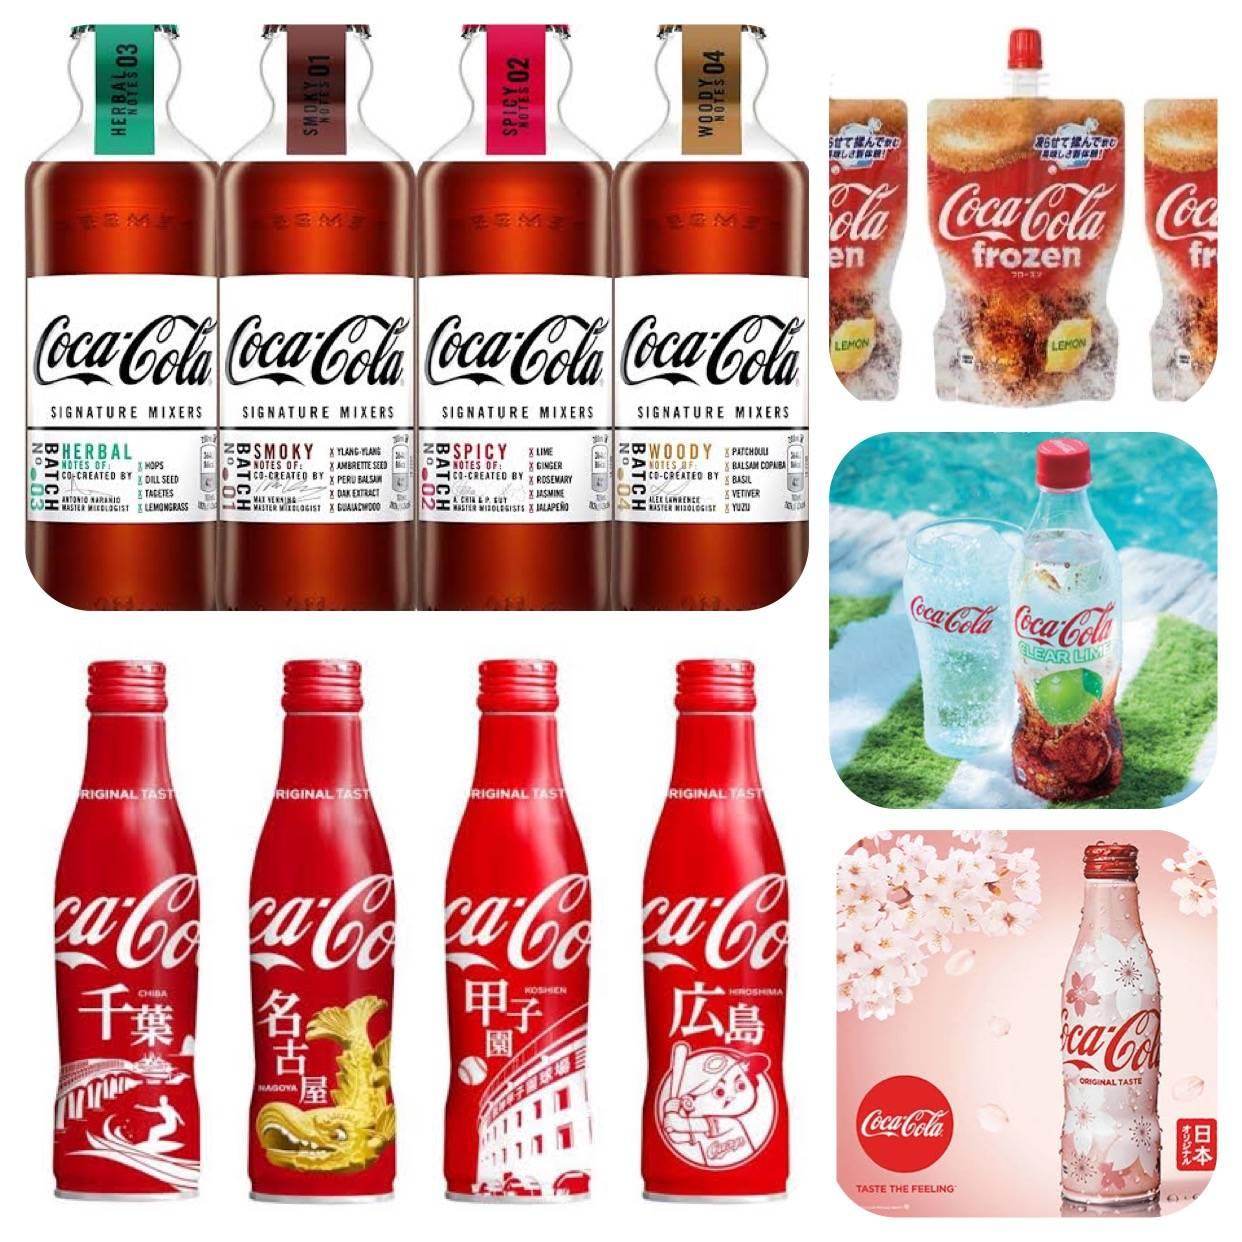 Tendência de novos sabores, séries premium e festivas são inevitáveis,  pois seguem a preocupação com a redução do hábito de se consumir diariamente refrigerantes